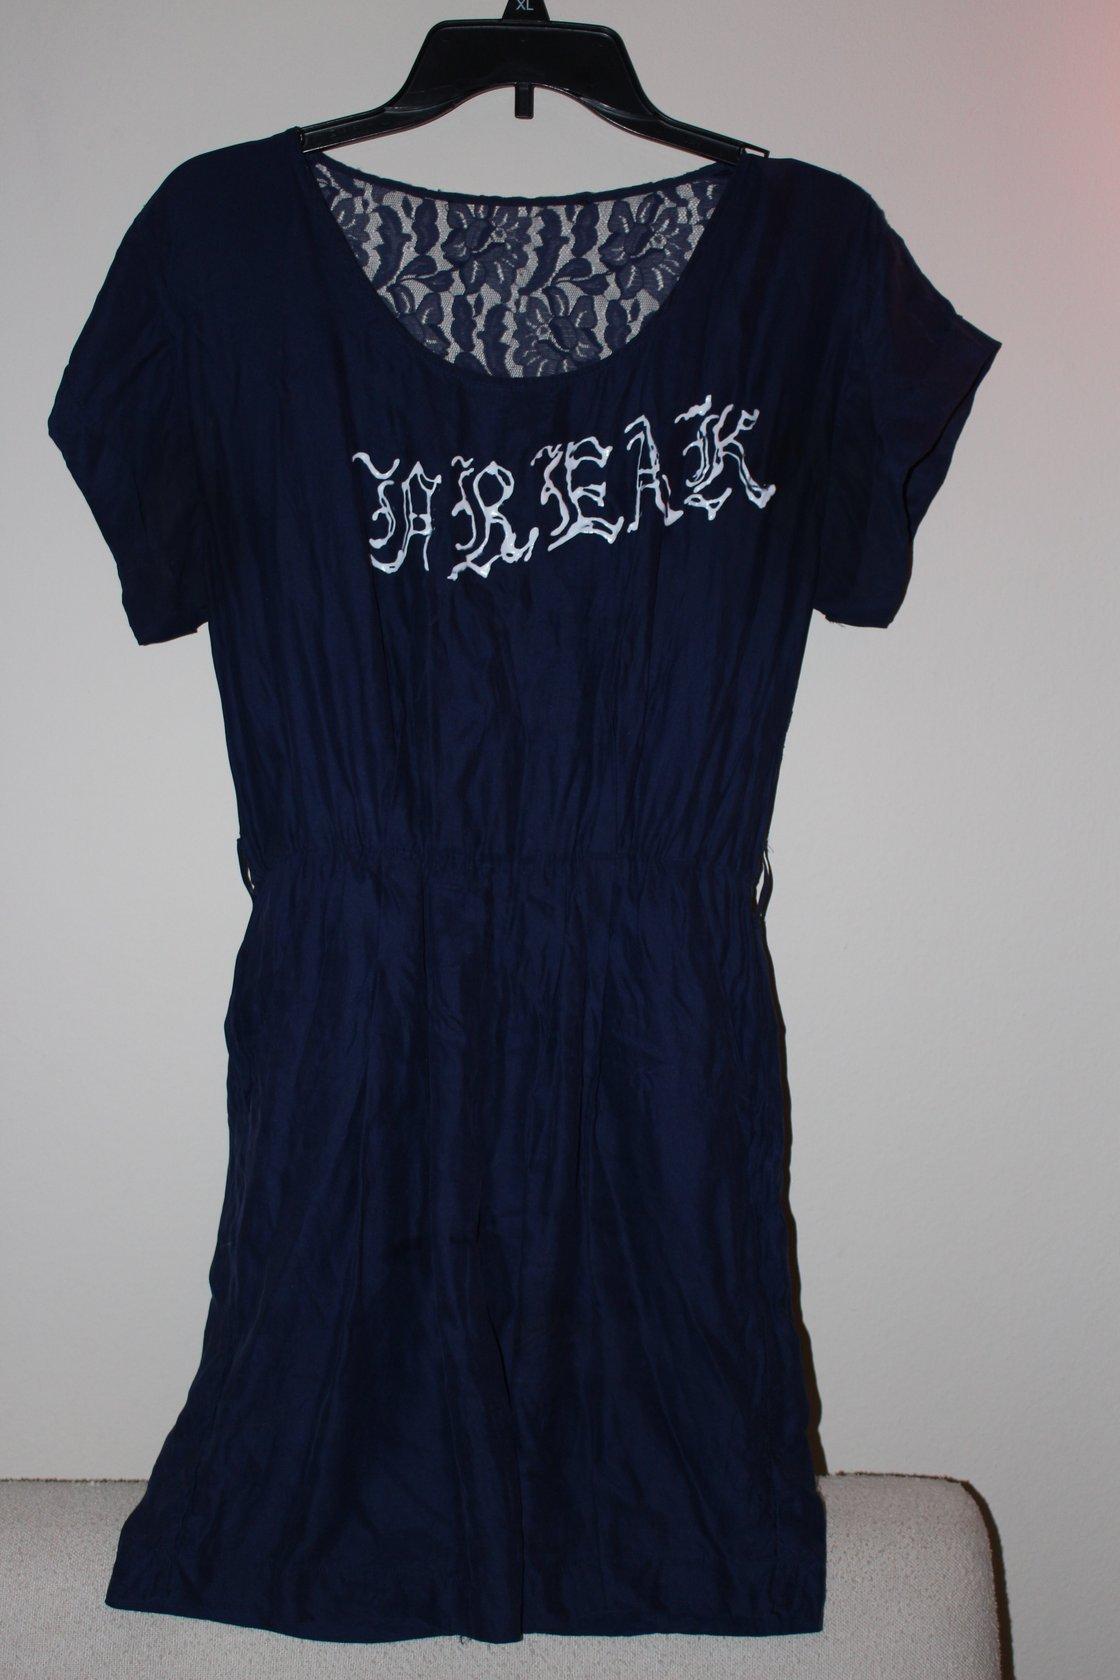 Image of LACE BACK FREAK DRESS NAVY BLUE